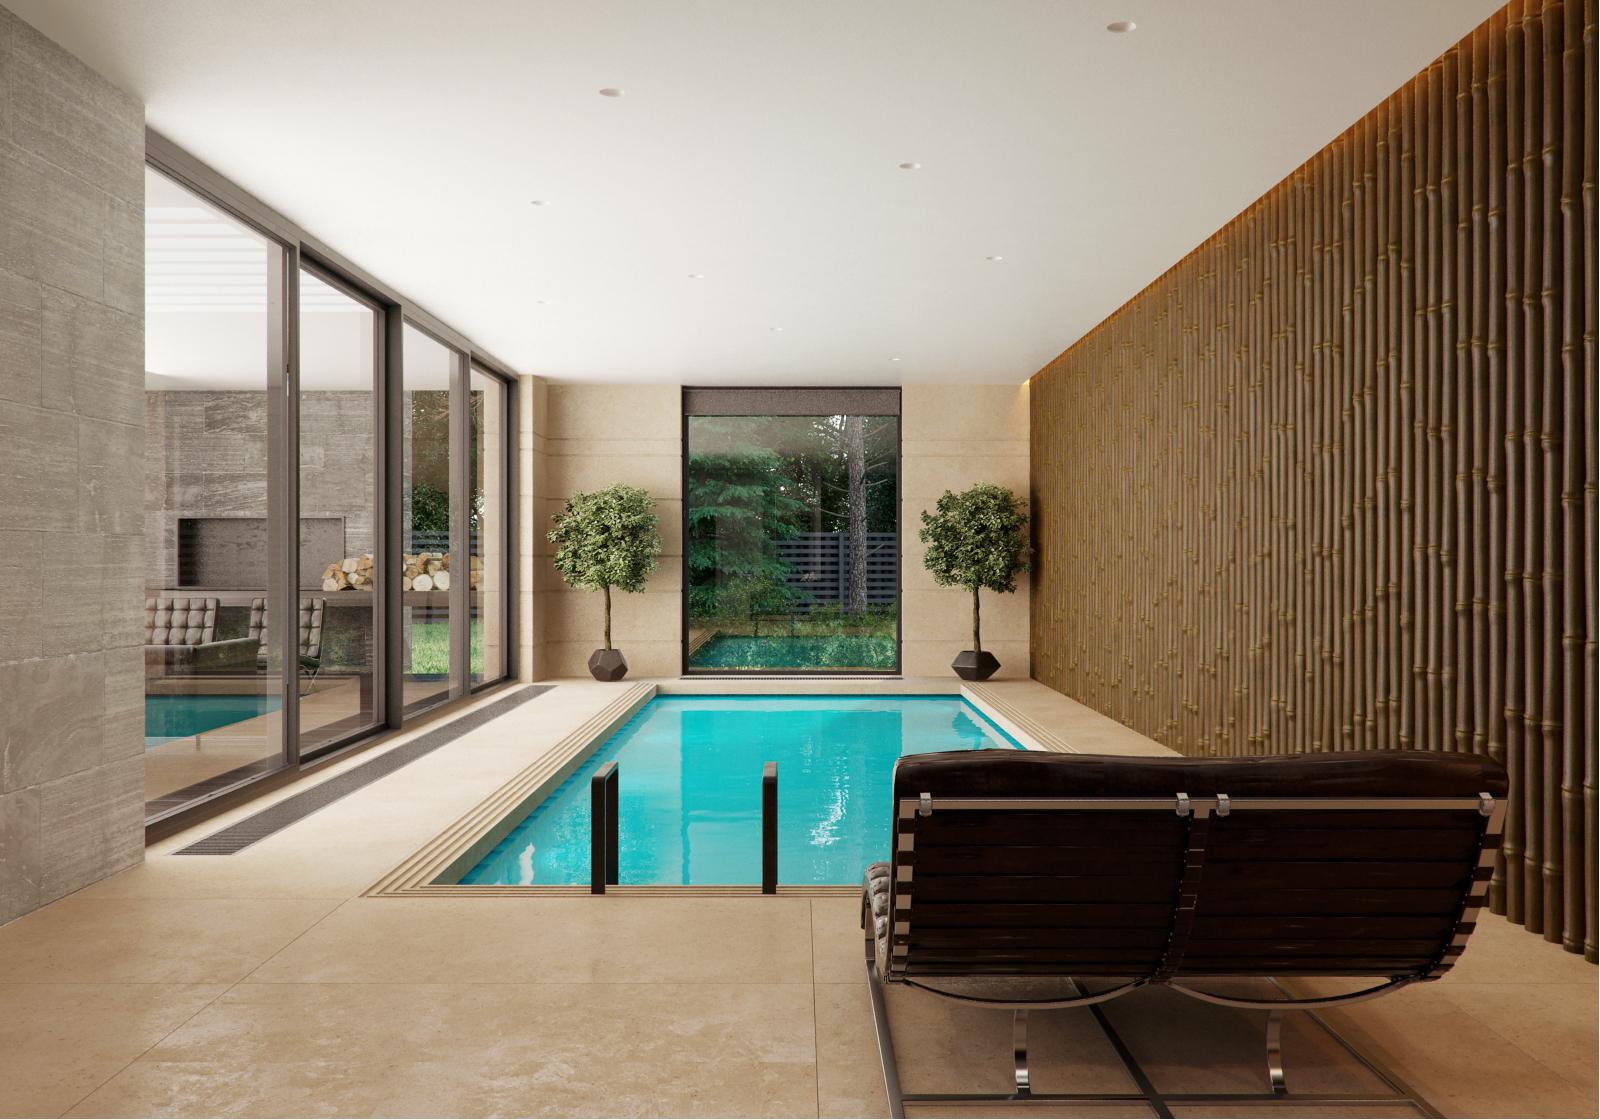 Wedo thiết kế nội thất hồ bơi trong nhà đẹp, sang trọng với gỗ và đá